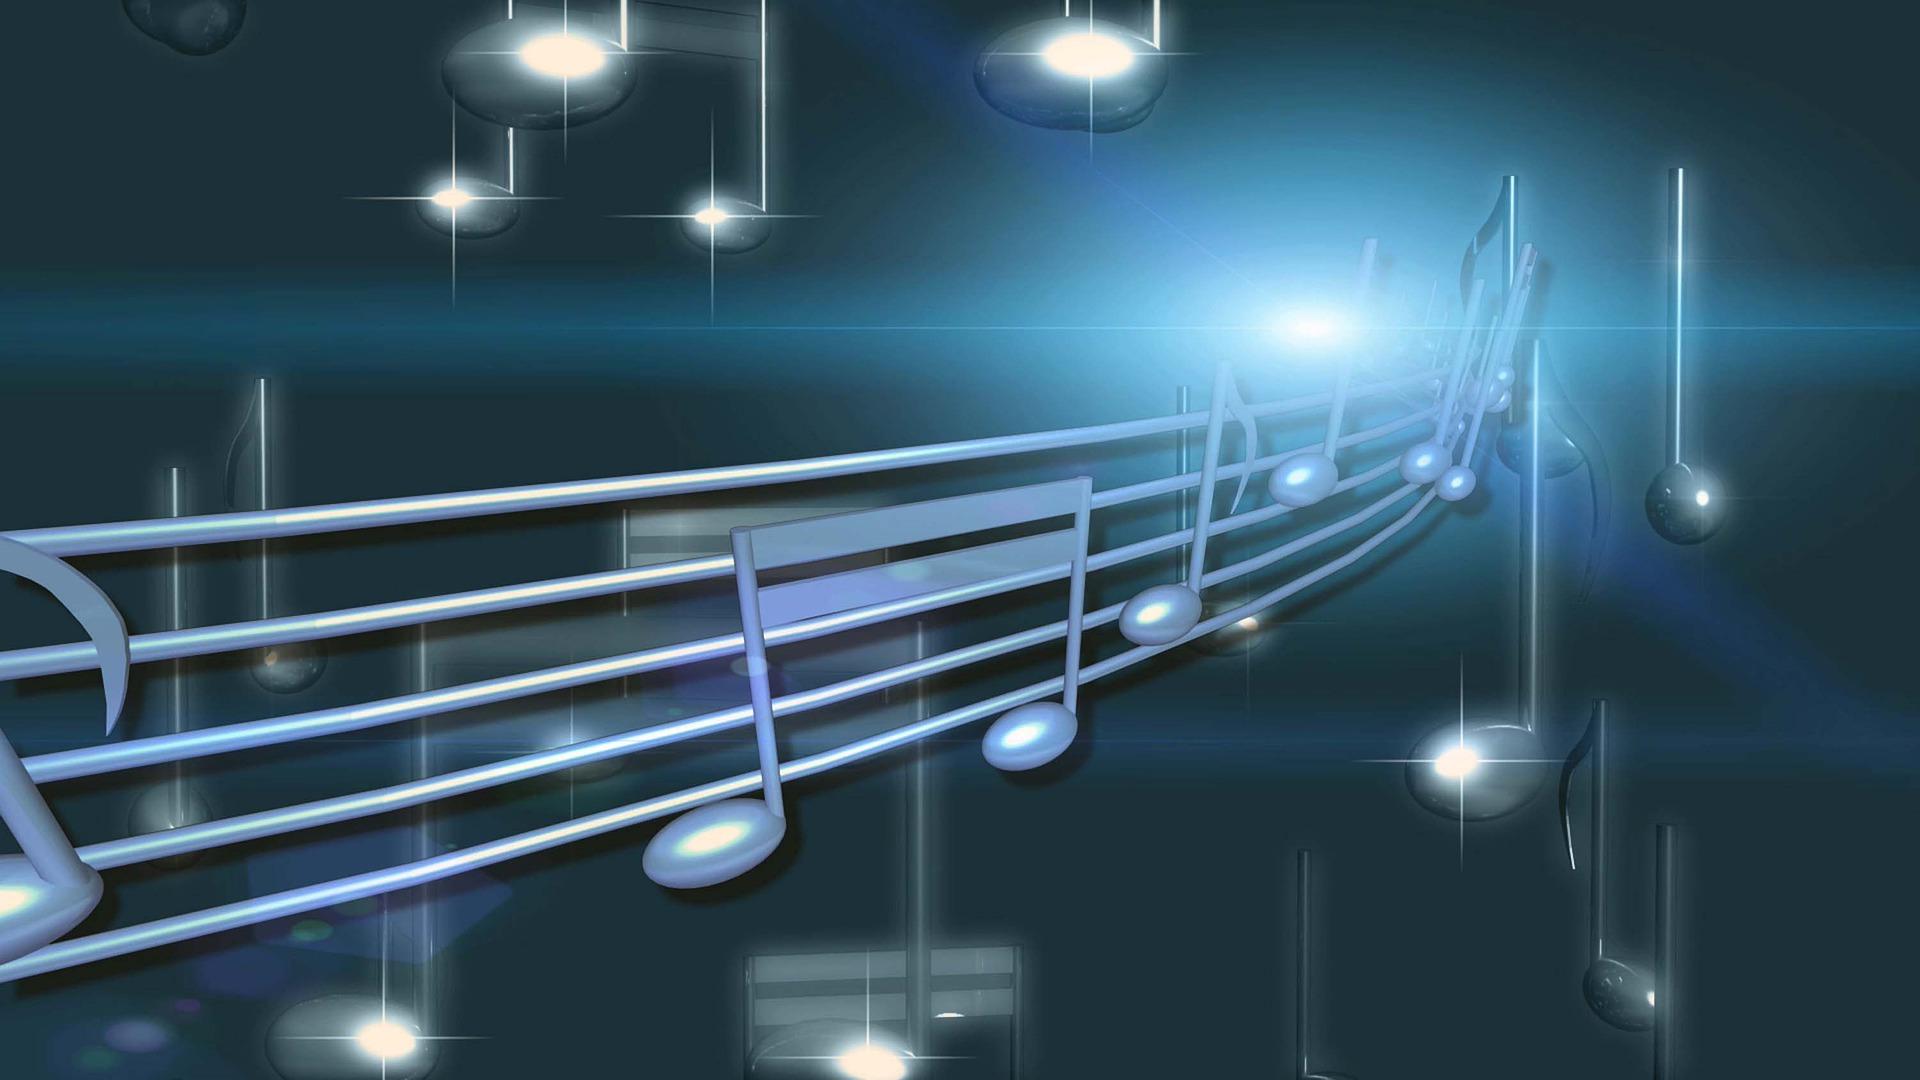 להכיר שירים חדשים: כך תרחיבו את הפלייליסט הקבוע